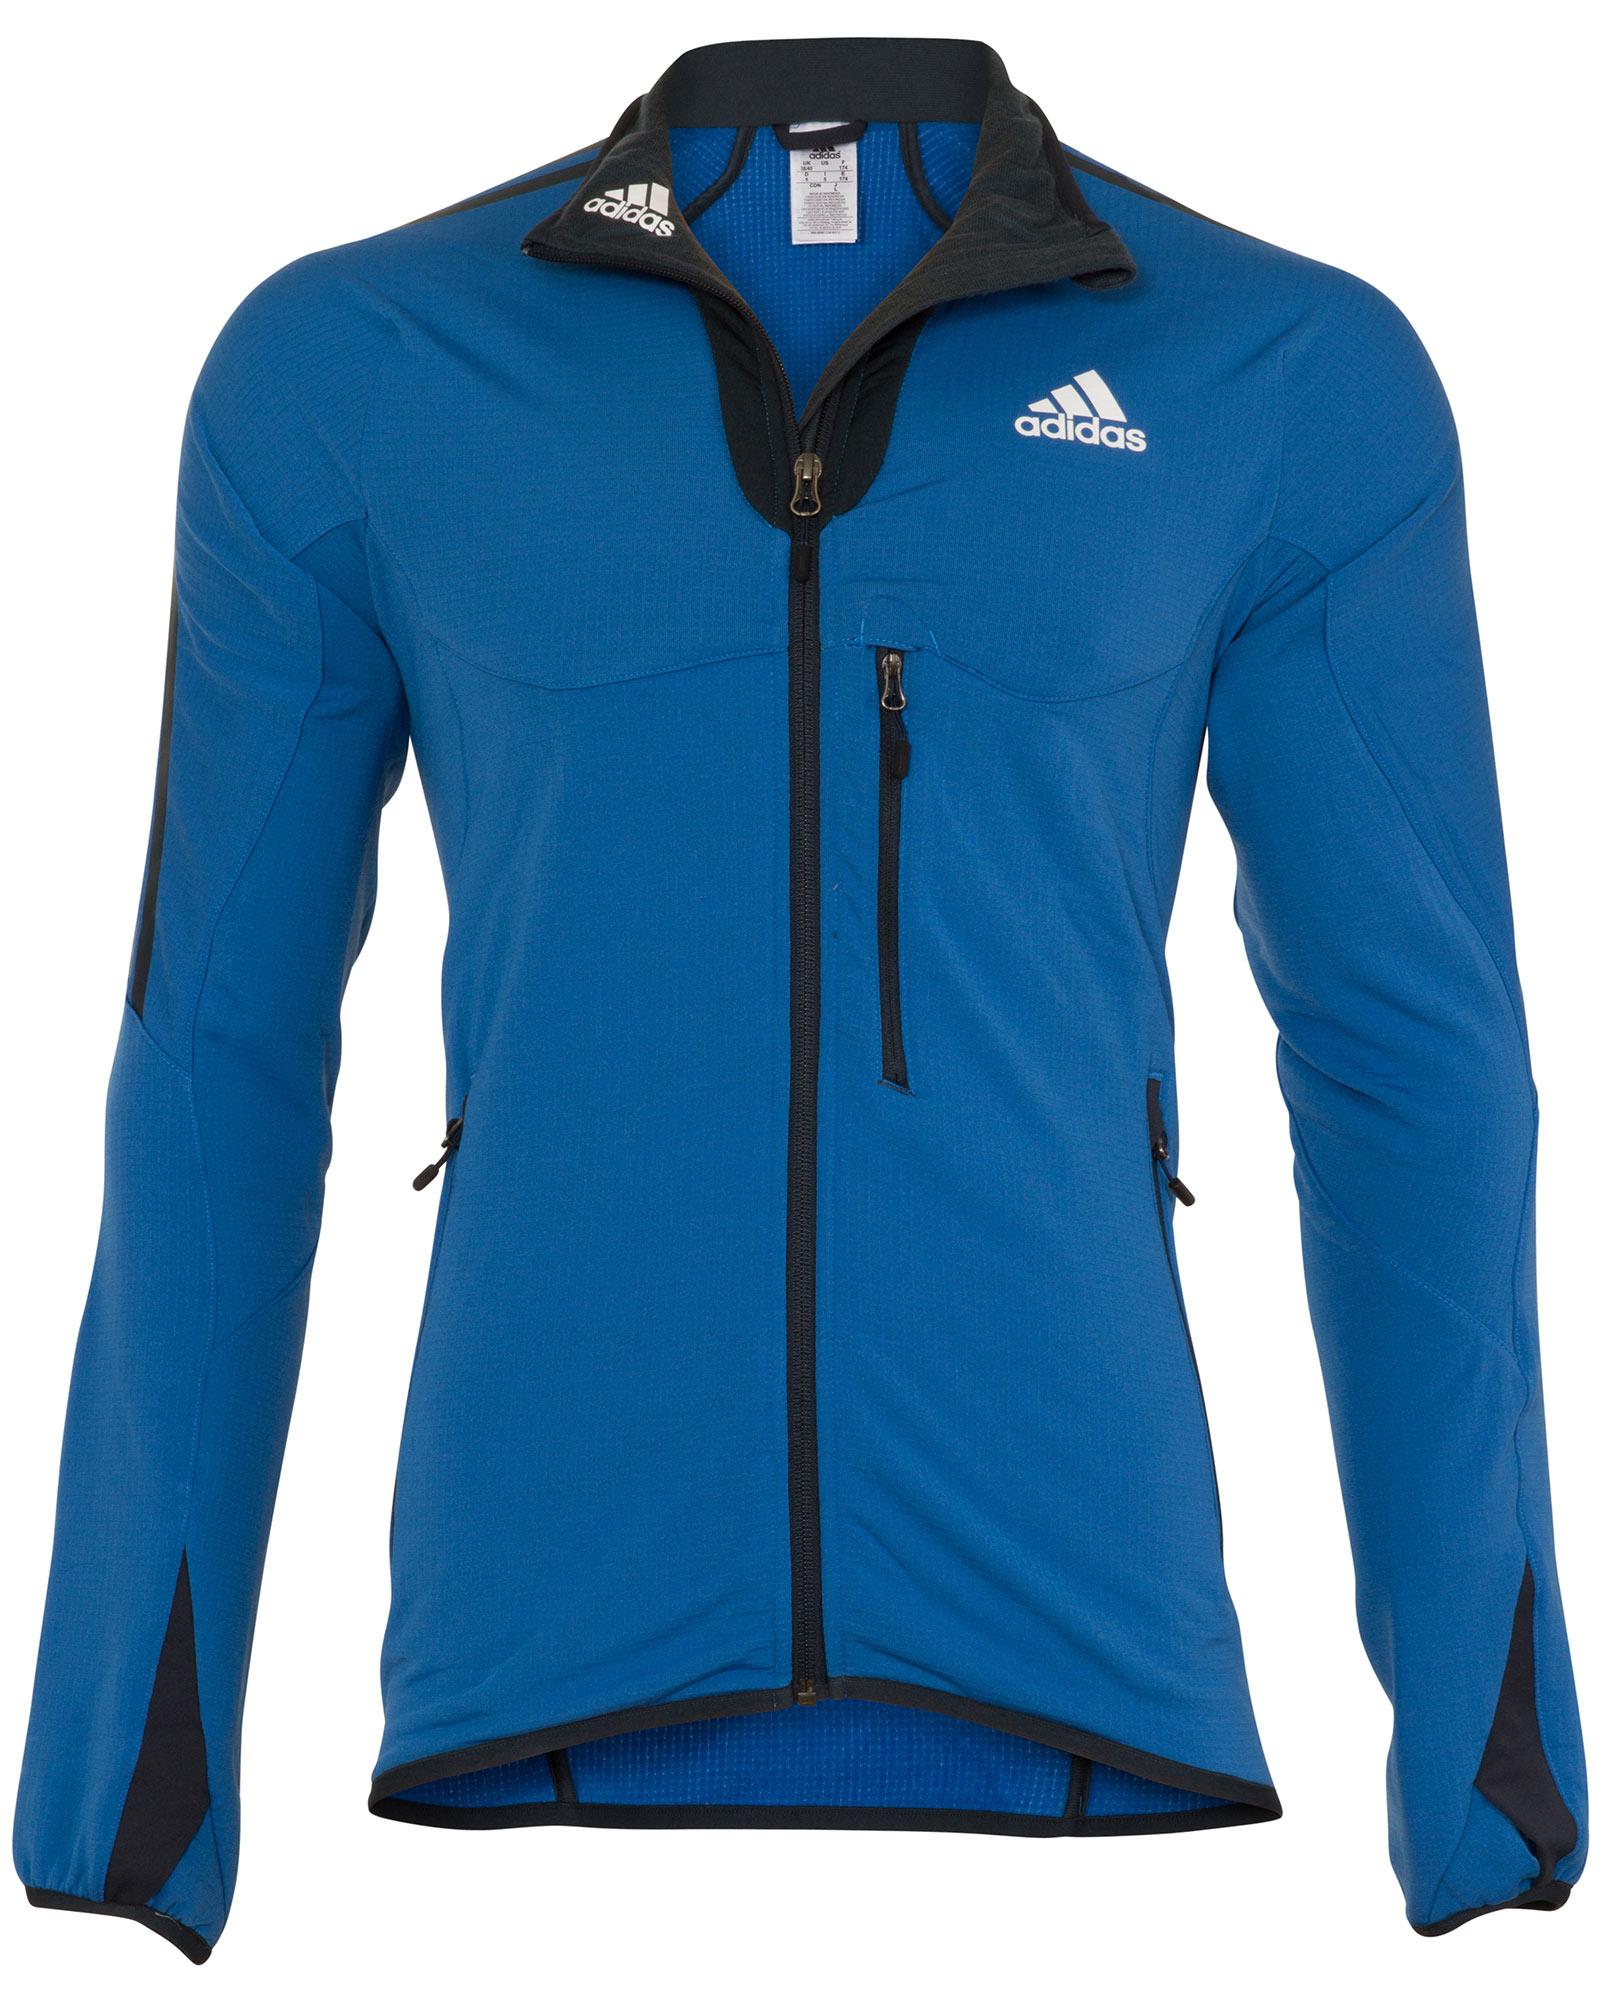 adidas black and blue jacket